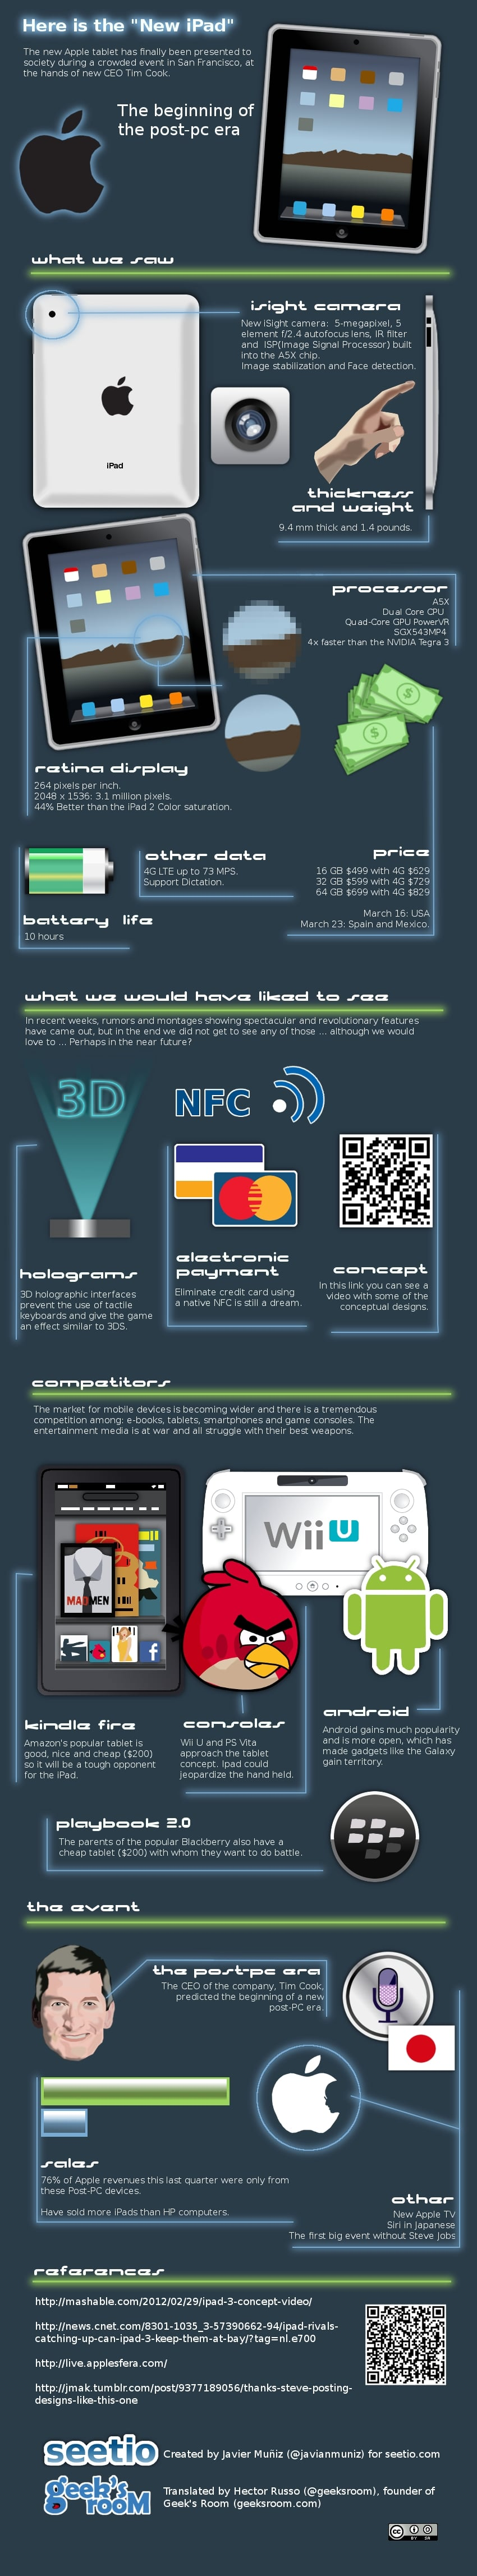 the-new-ipad-infographic